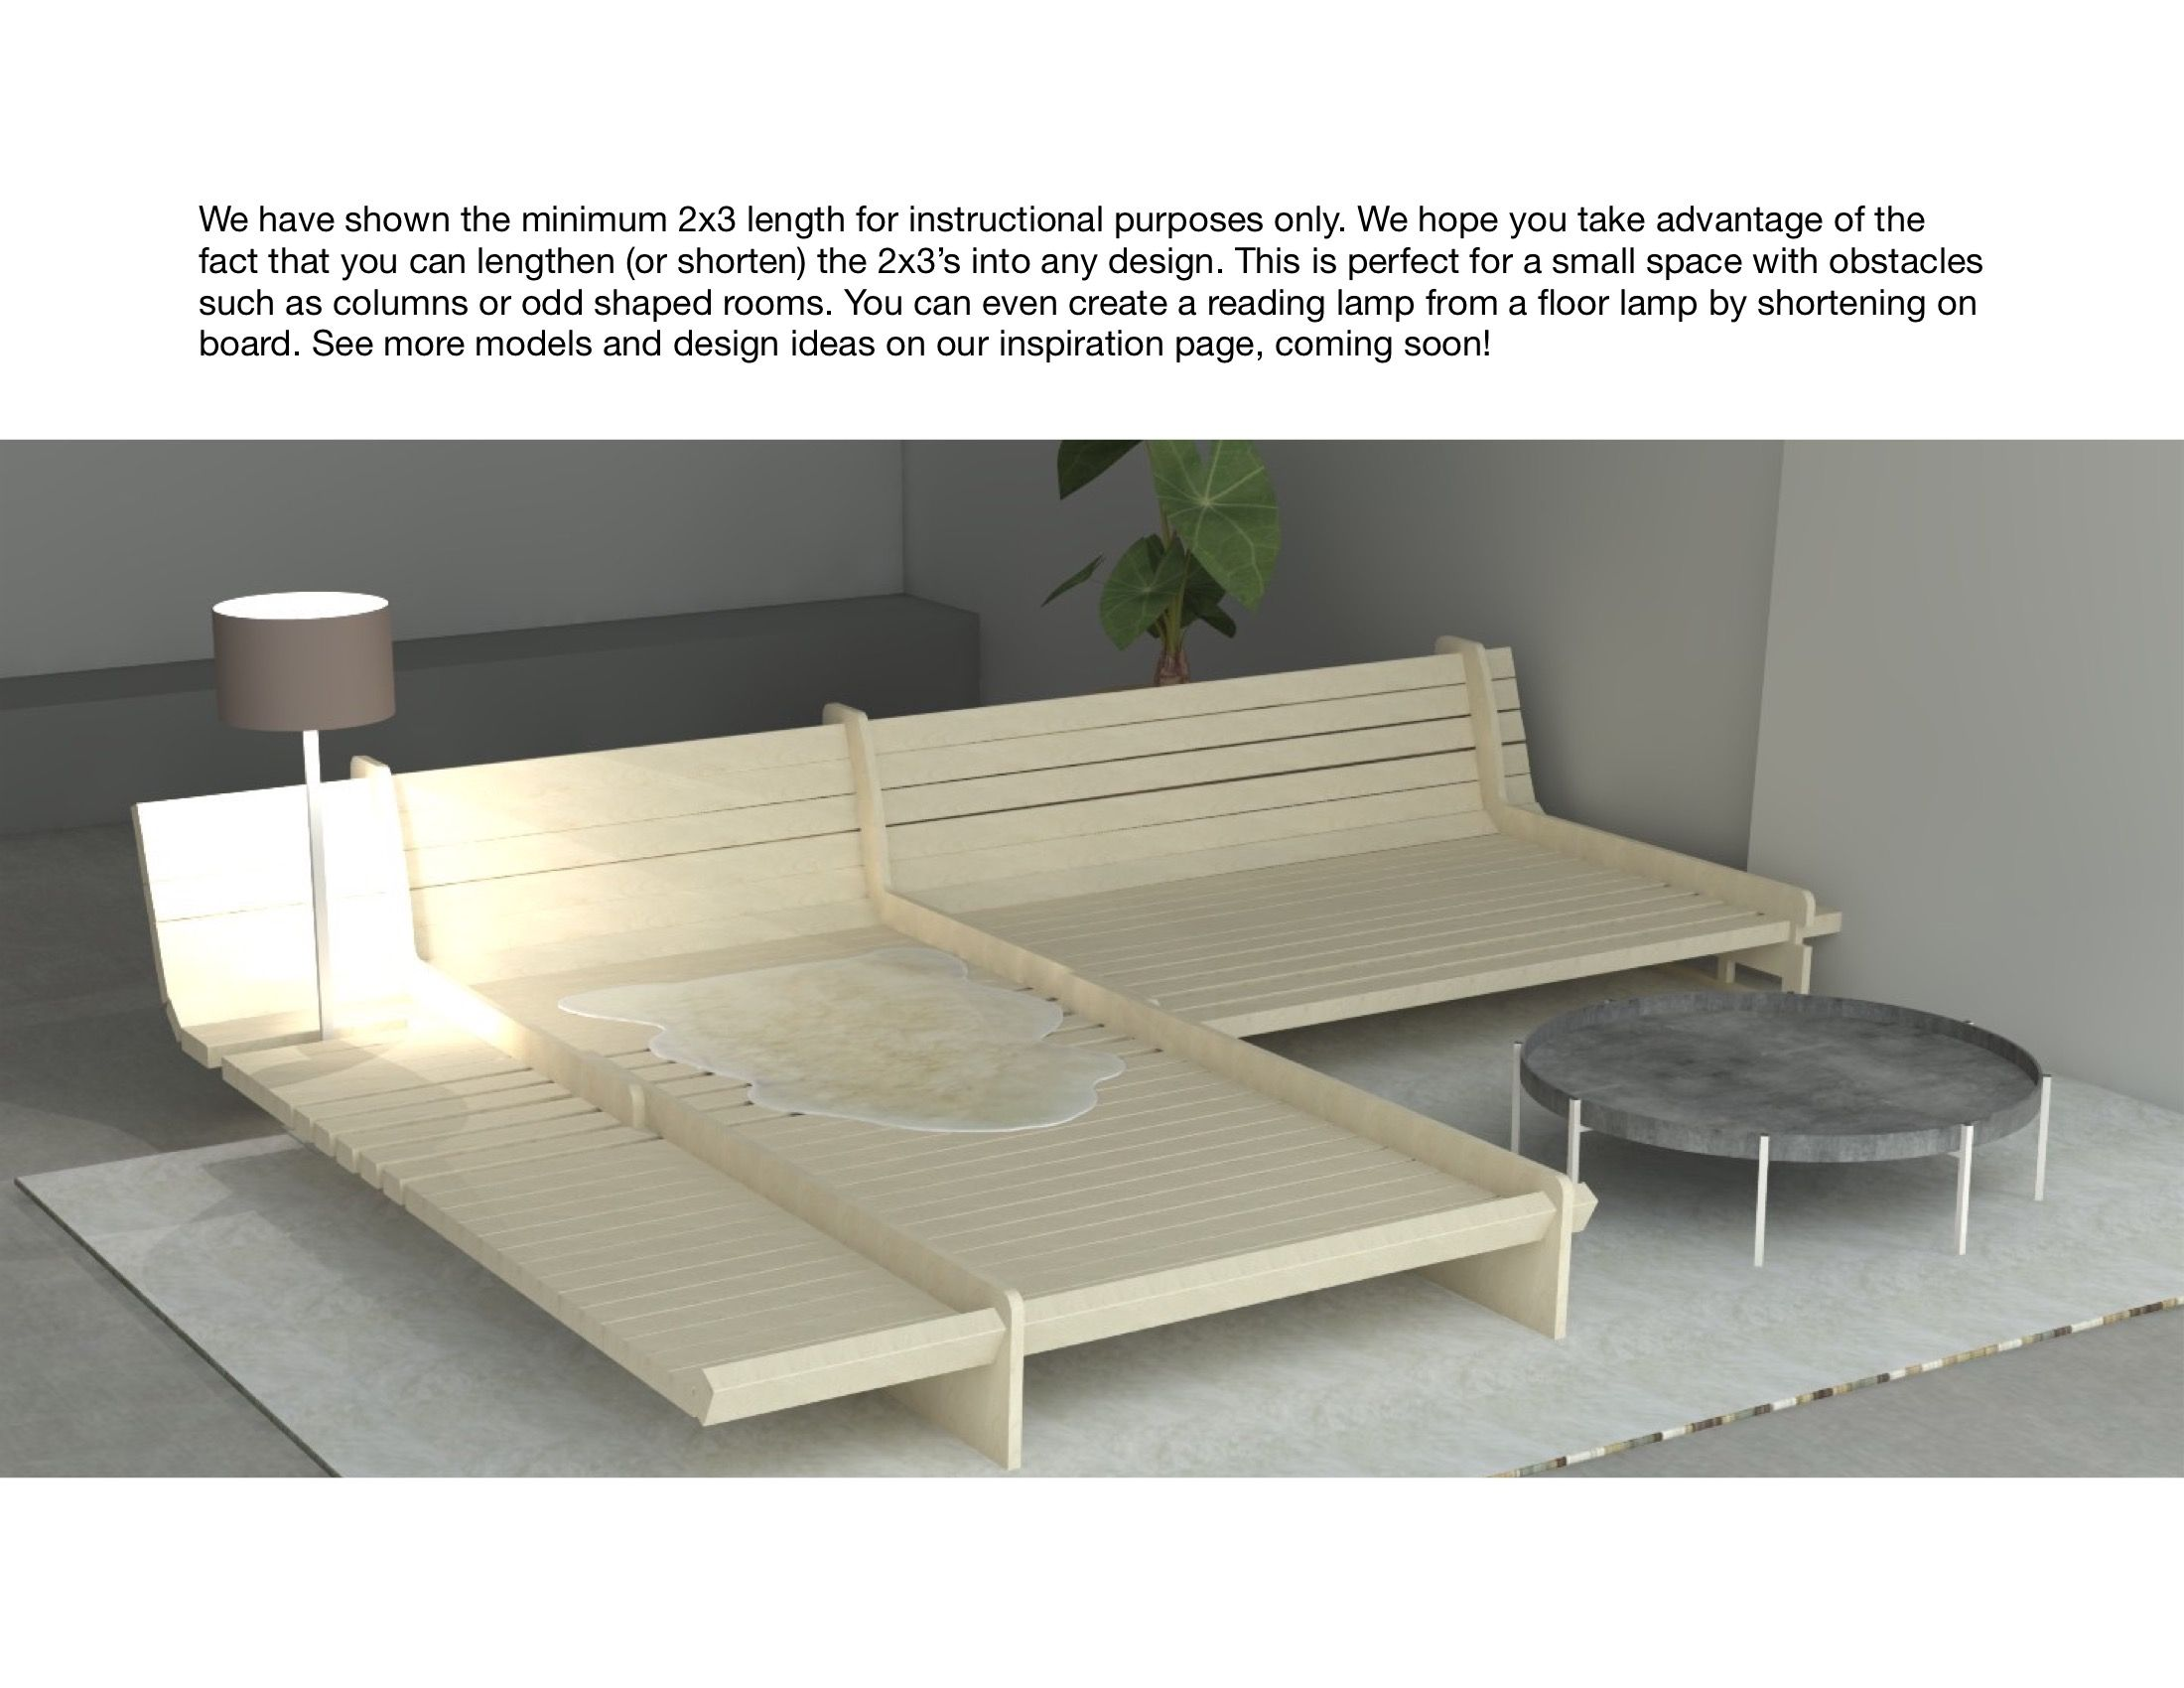 Diy Bed Frame Kit Back Rest Model Open Your Eyes Bedding Floor